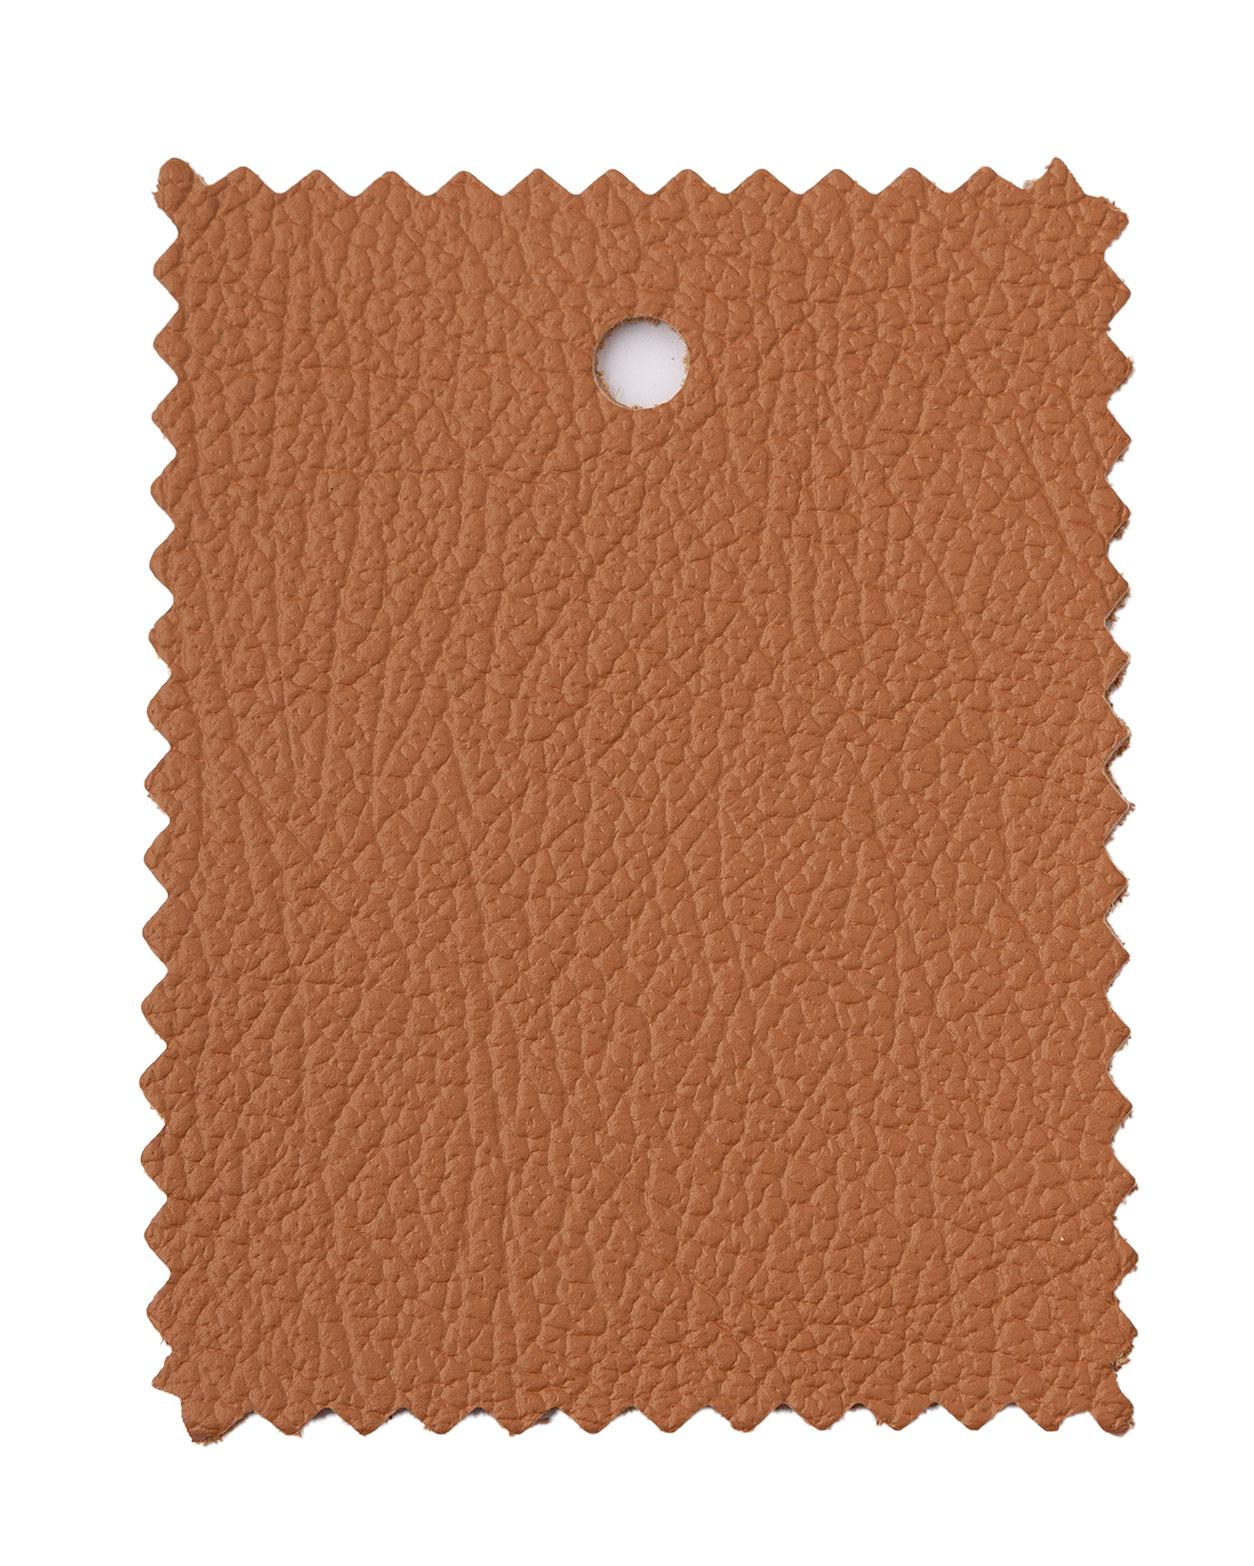 Abbildung Oldtimerleder-1068K-natur-kopfgefaerbt